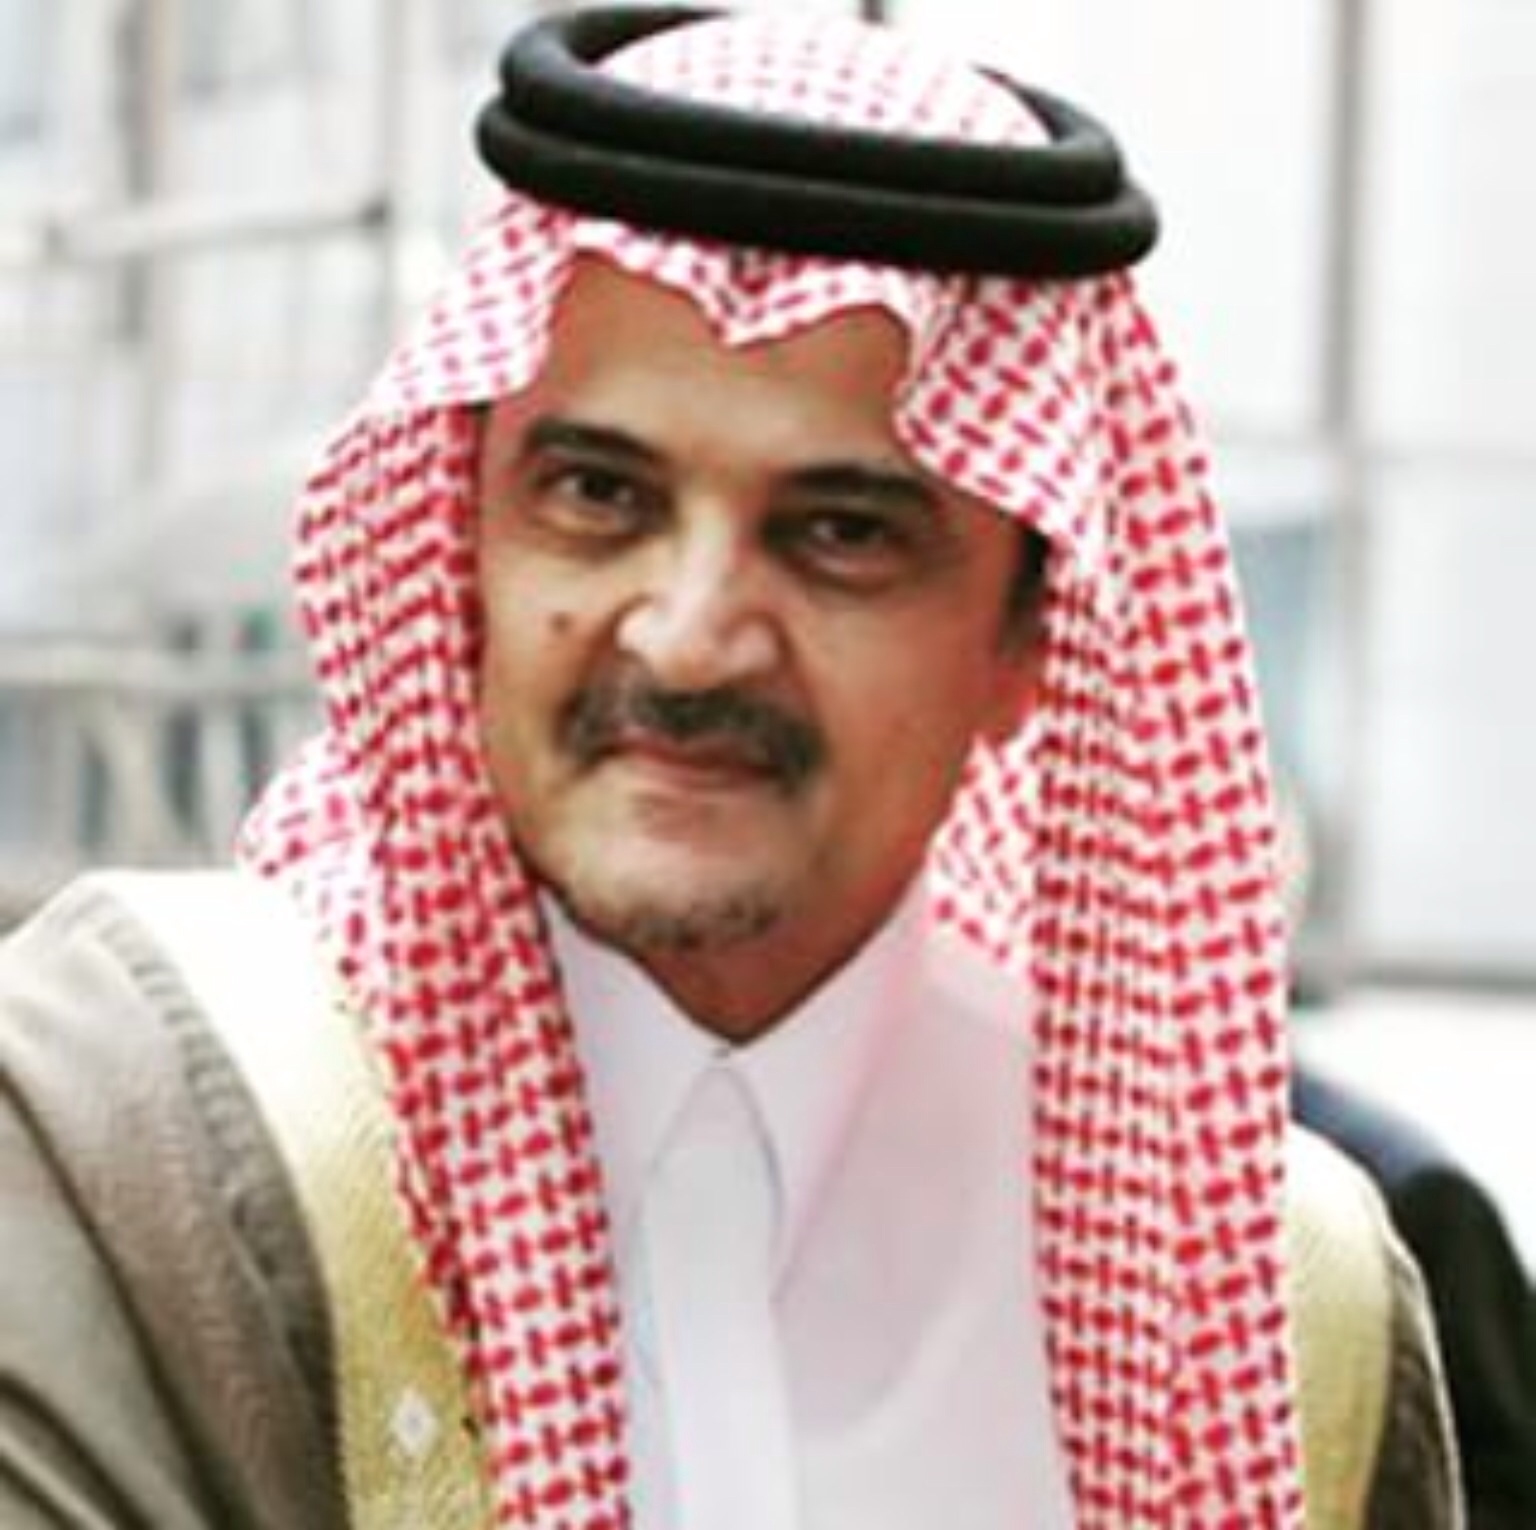 من هو سعود الفيصل ؟ - سعود الفيصل - رحمه الله